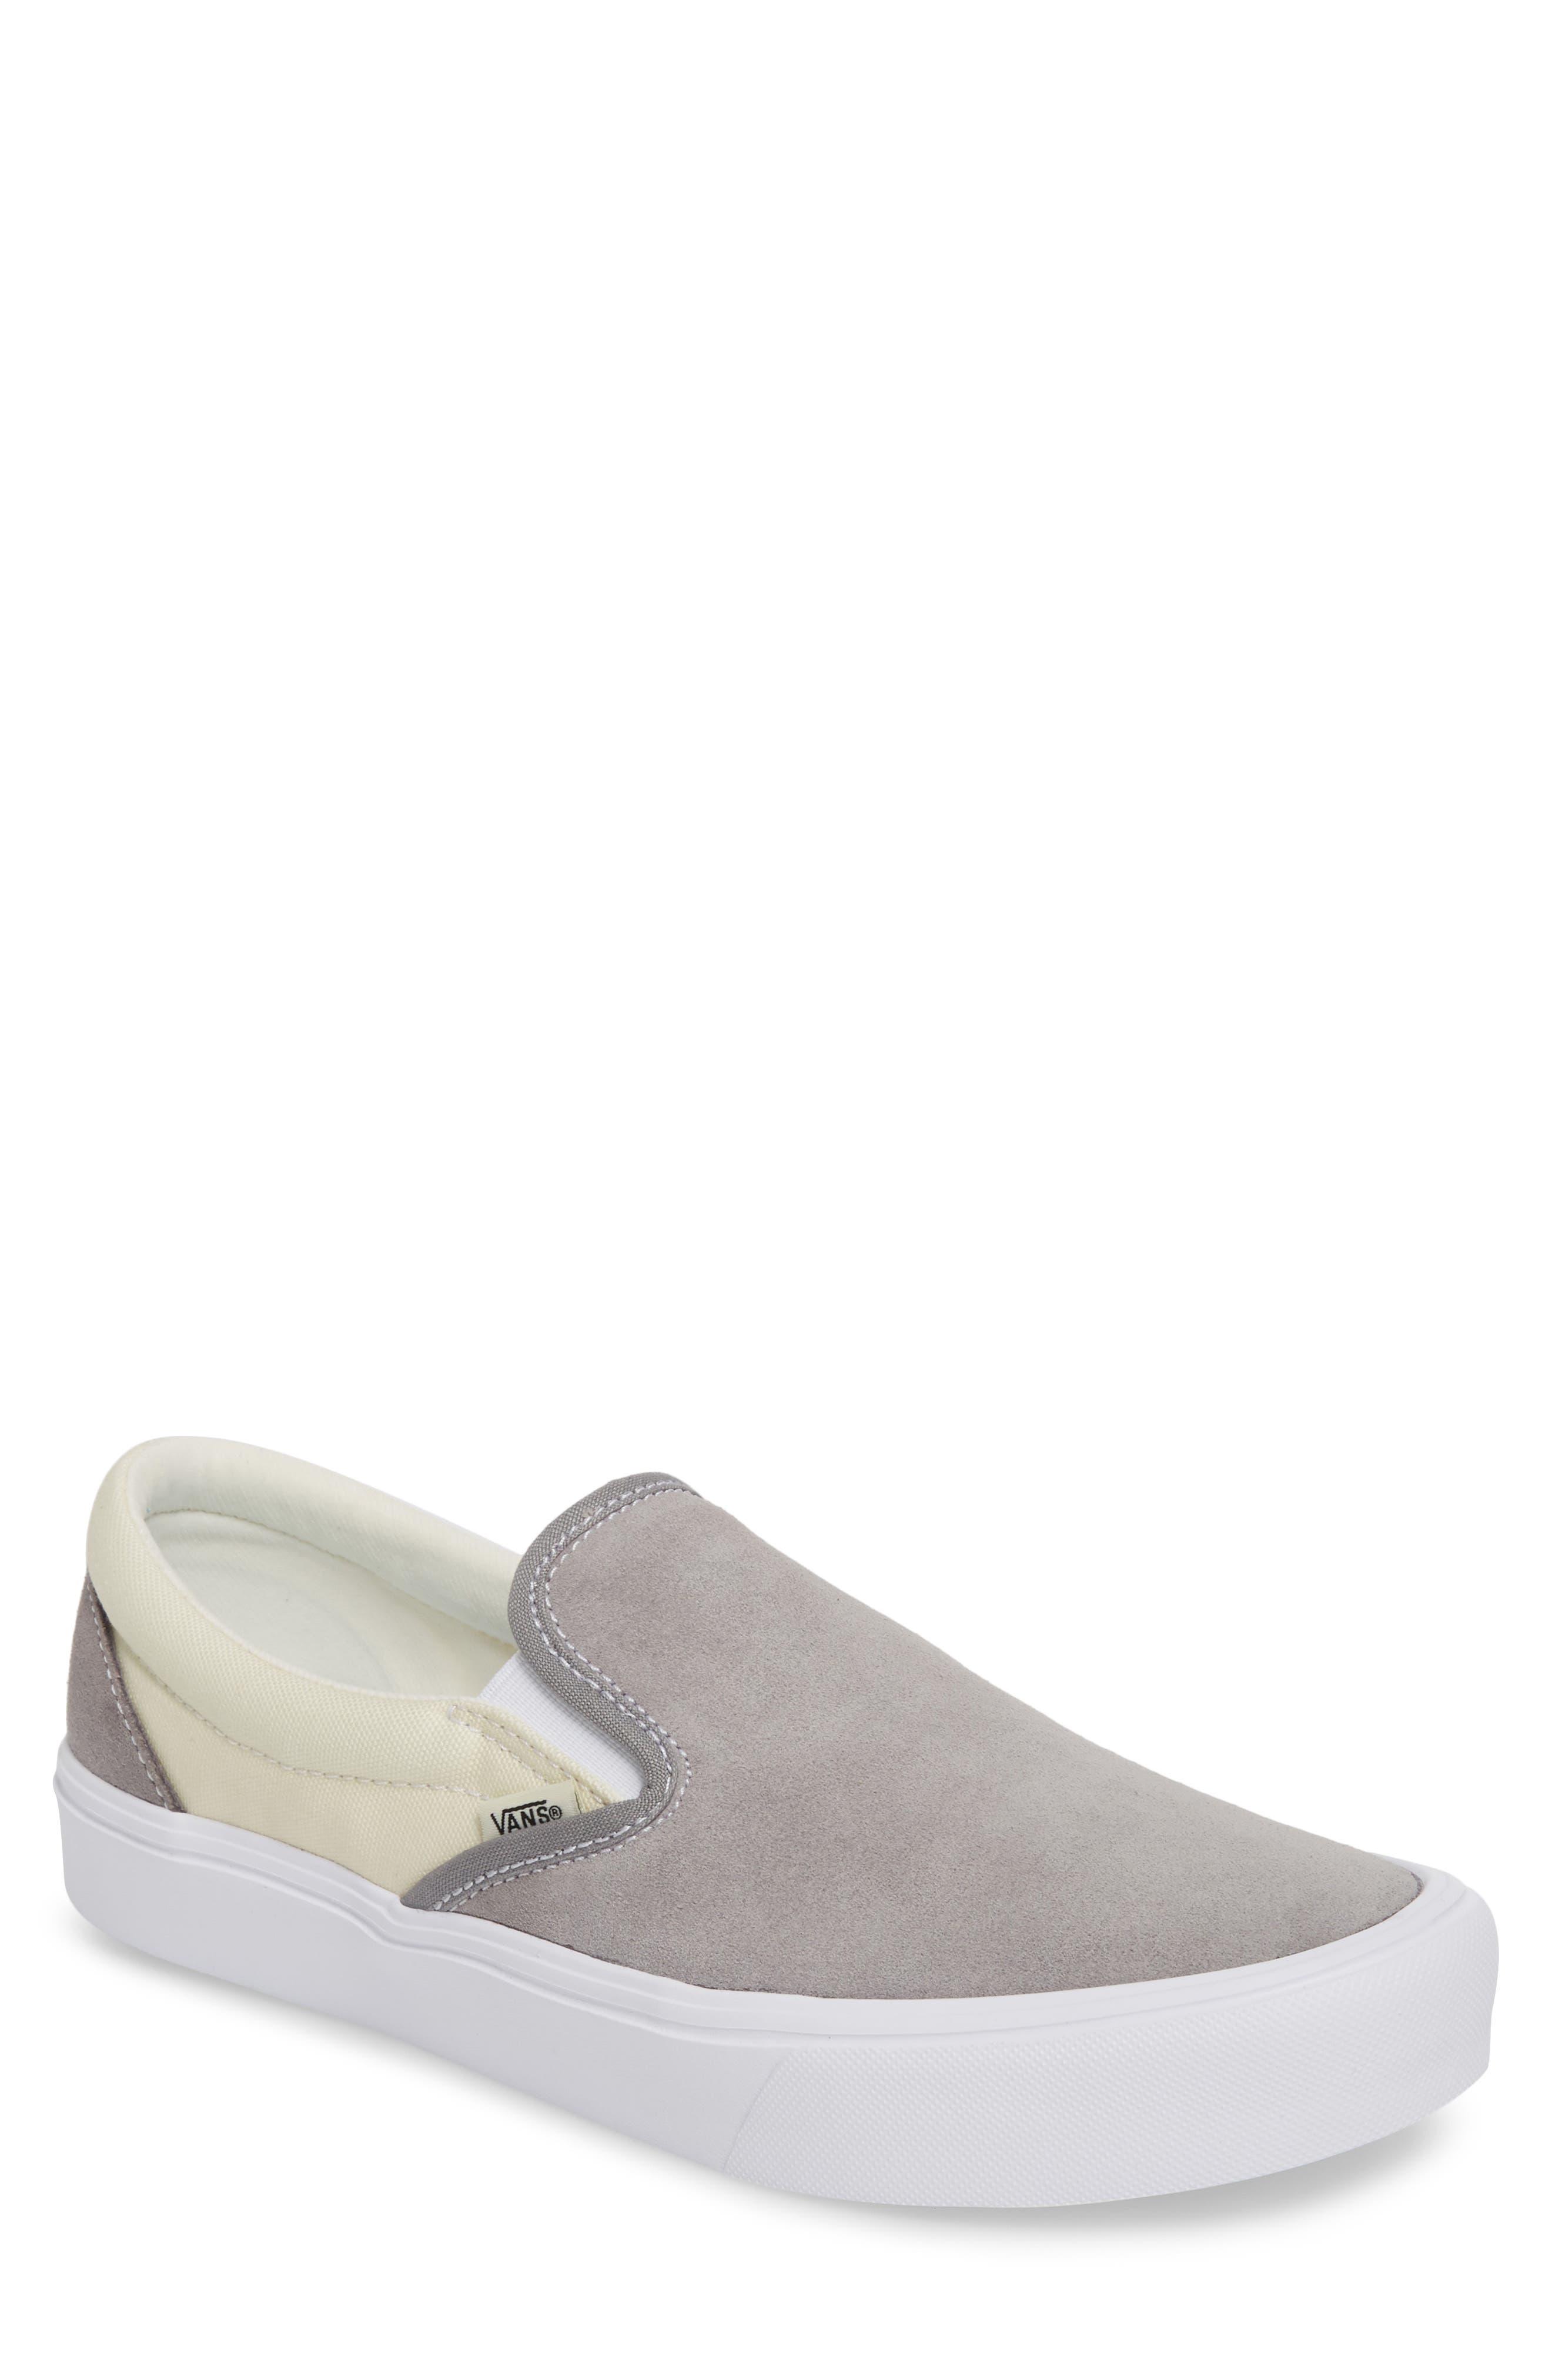 Lite Slip-On Sneaker,                         Main,                         color, 030